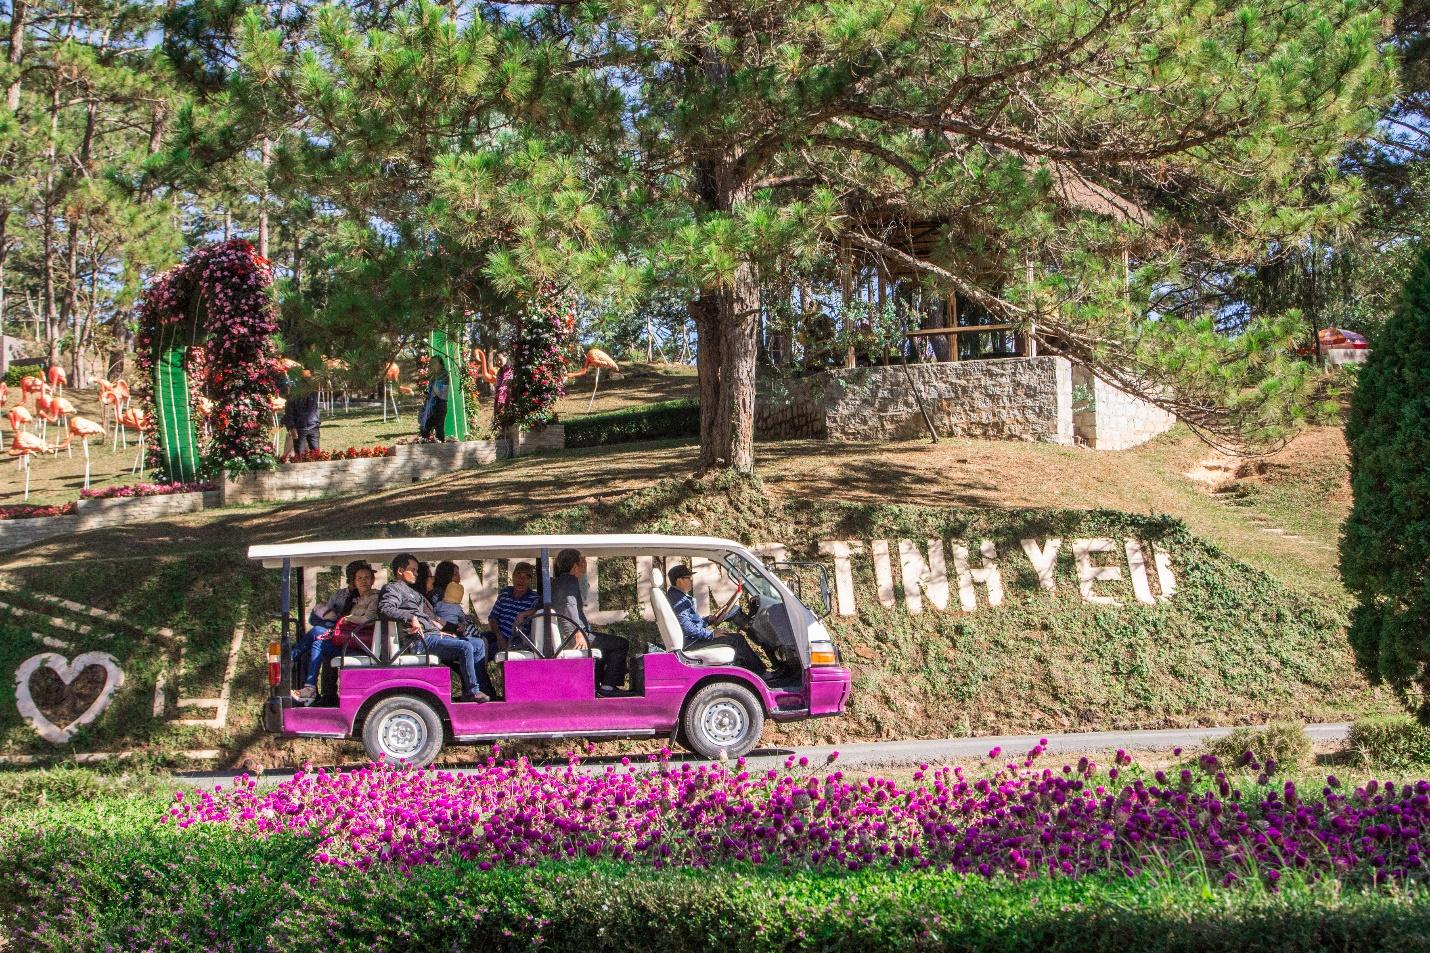 Thung lũng Tình Yêu địa điểm cắm trại ở Đà Lạt lãng mạn